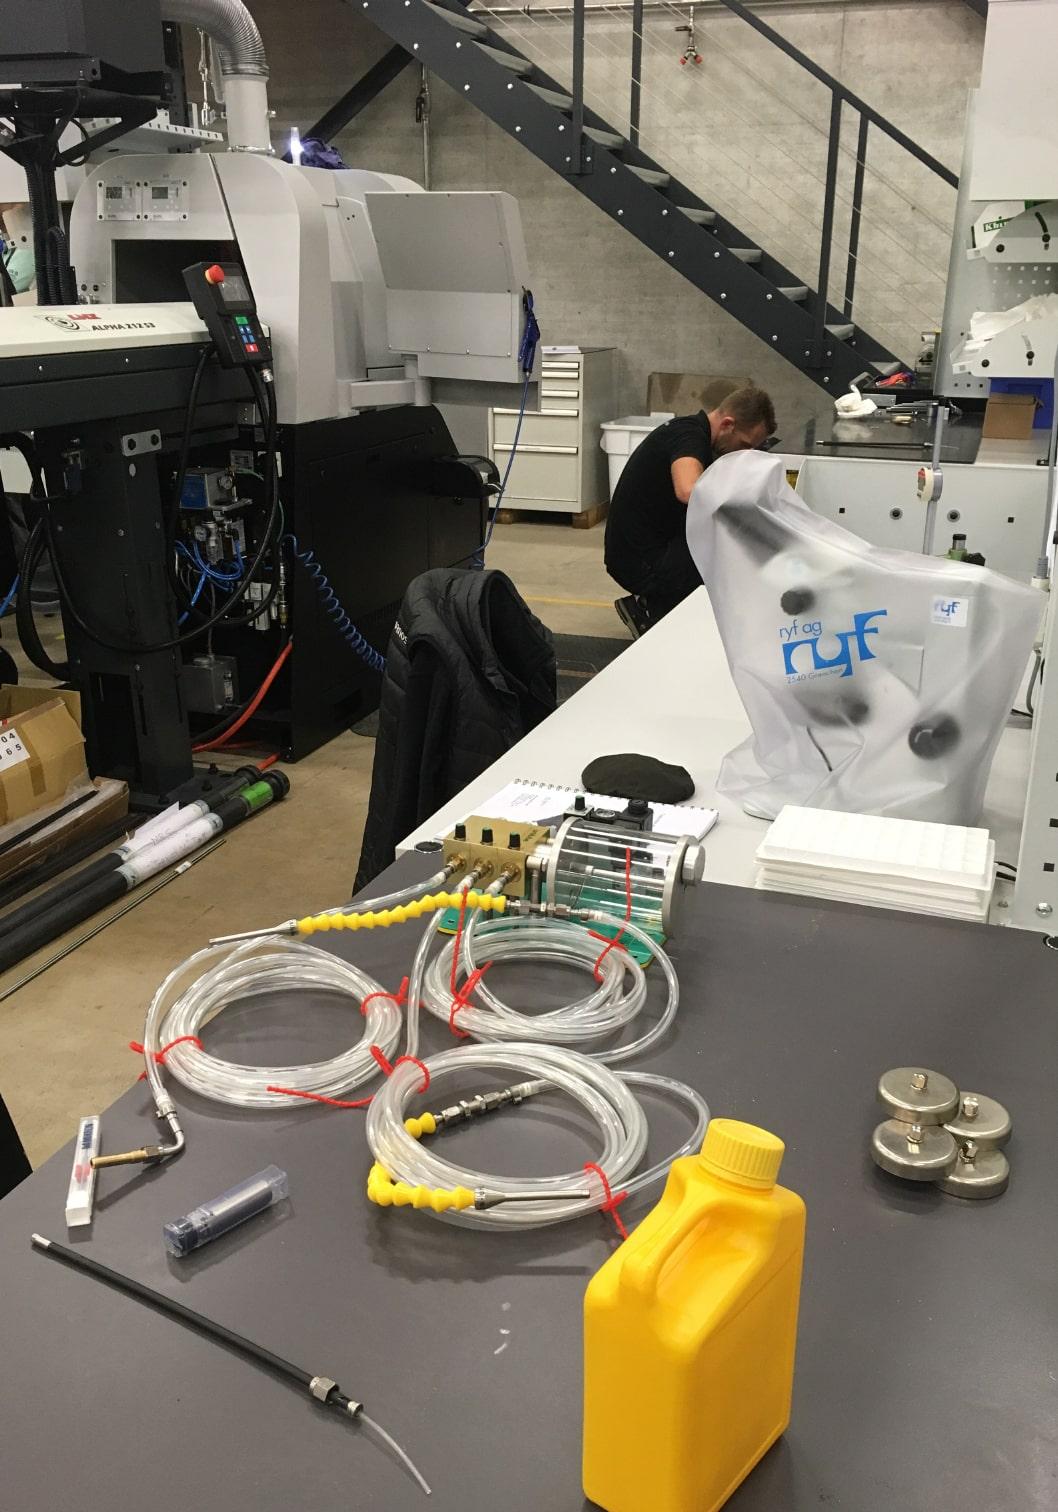 Zeigt die Vorbereitungen zum Test von Unilube Minimalmengenschmierung auf einer Tornos Drehmaschine.